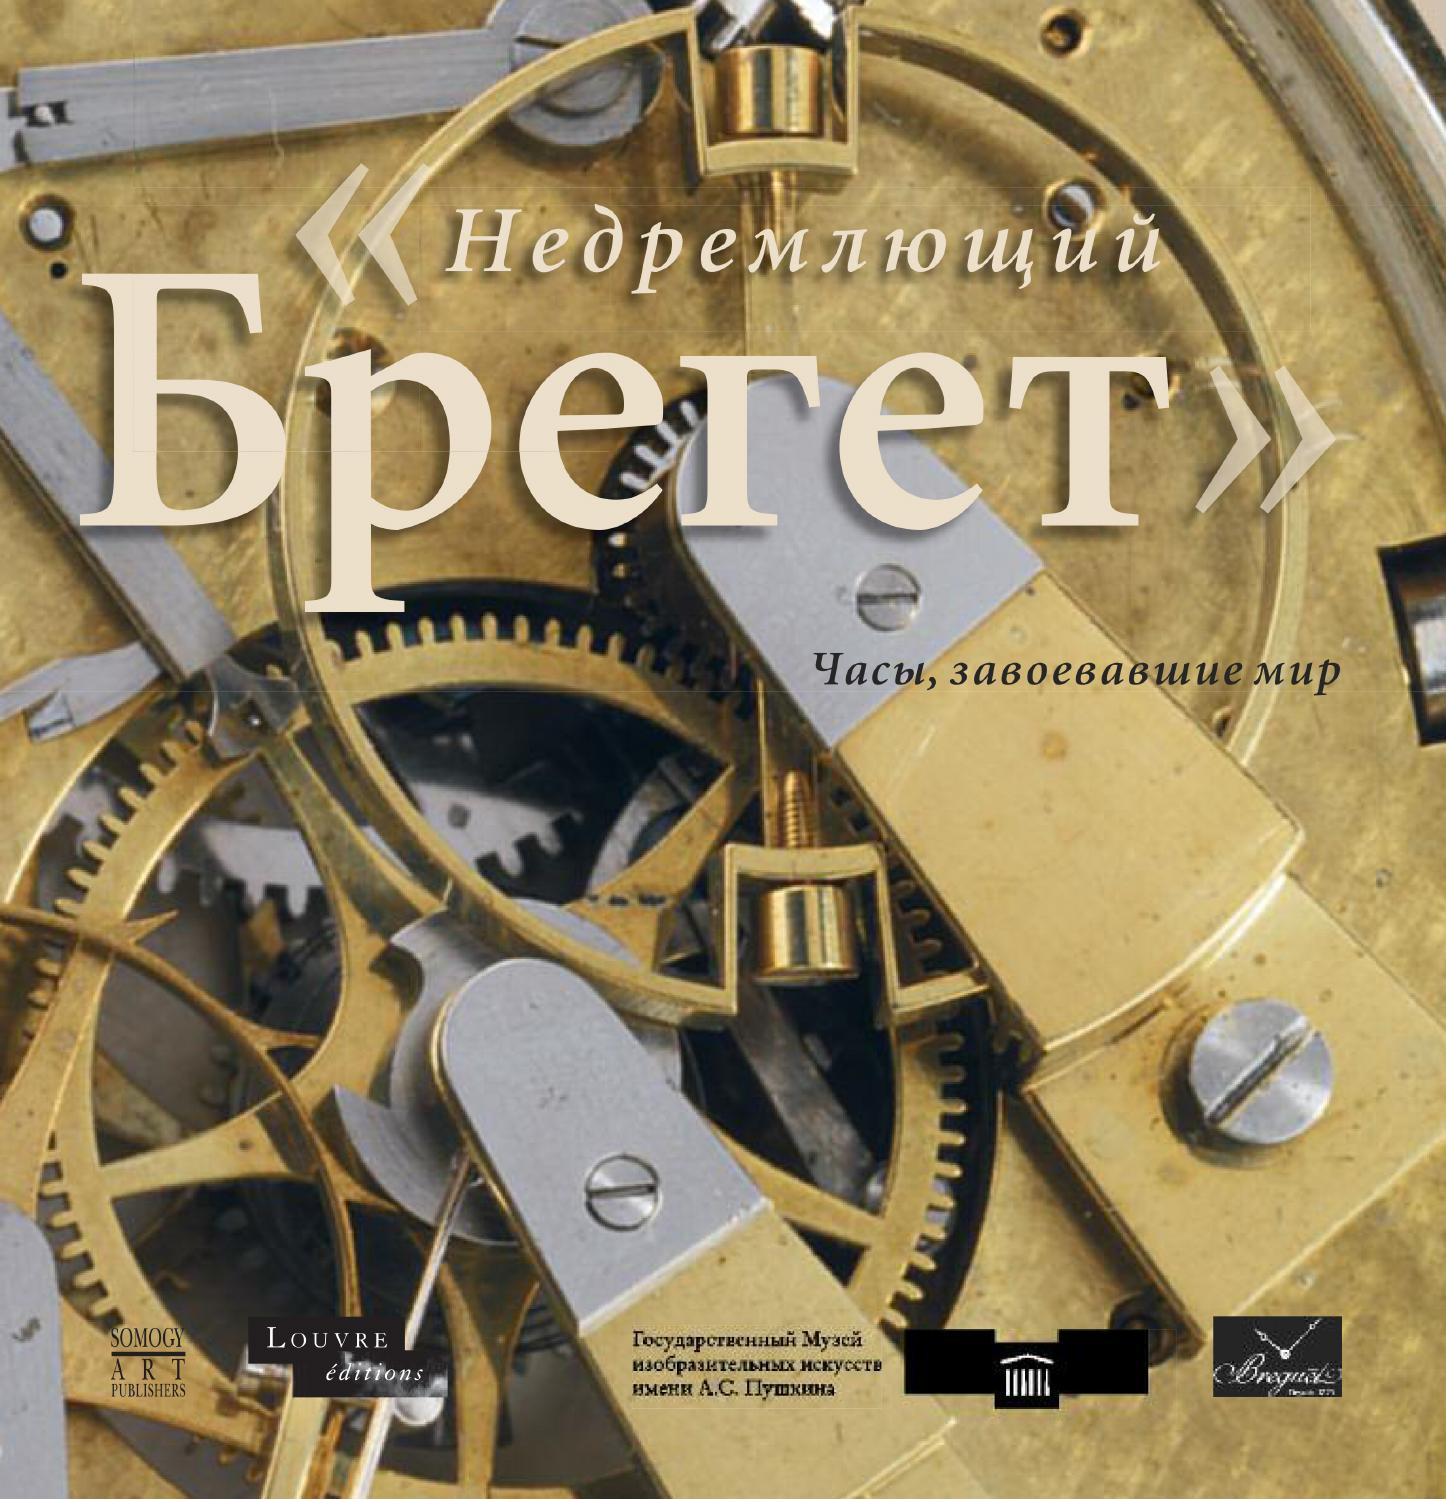 Часы с римскими цифрами год рождения а с пушкина 1799